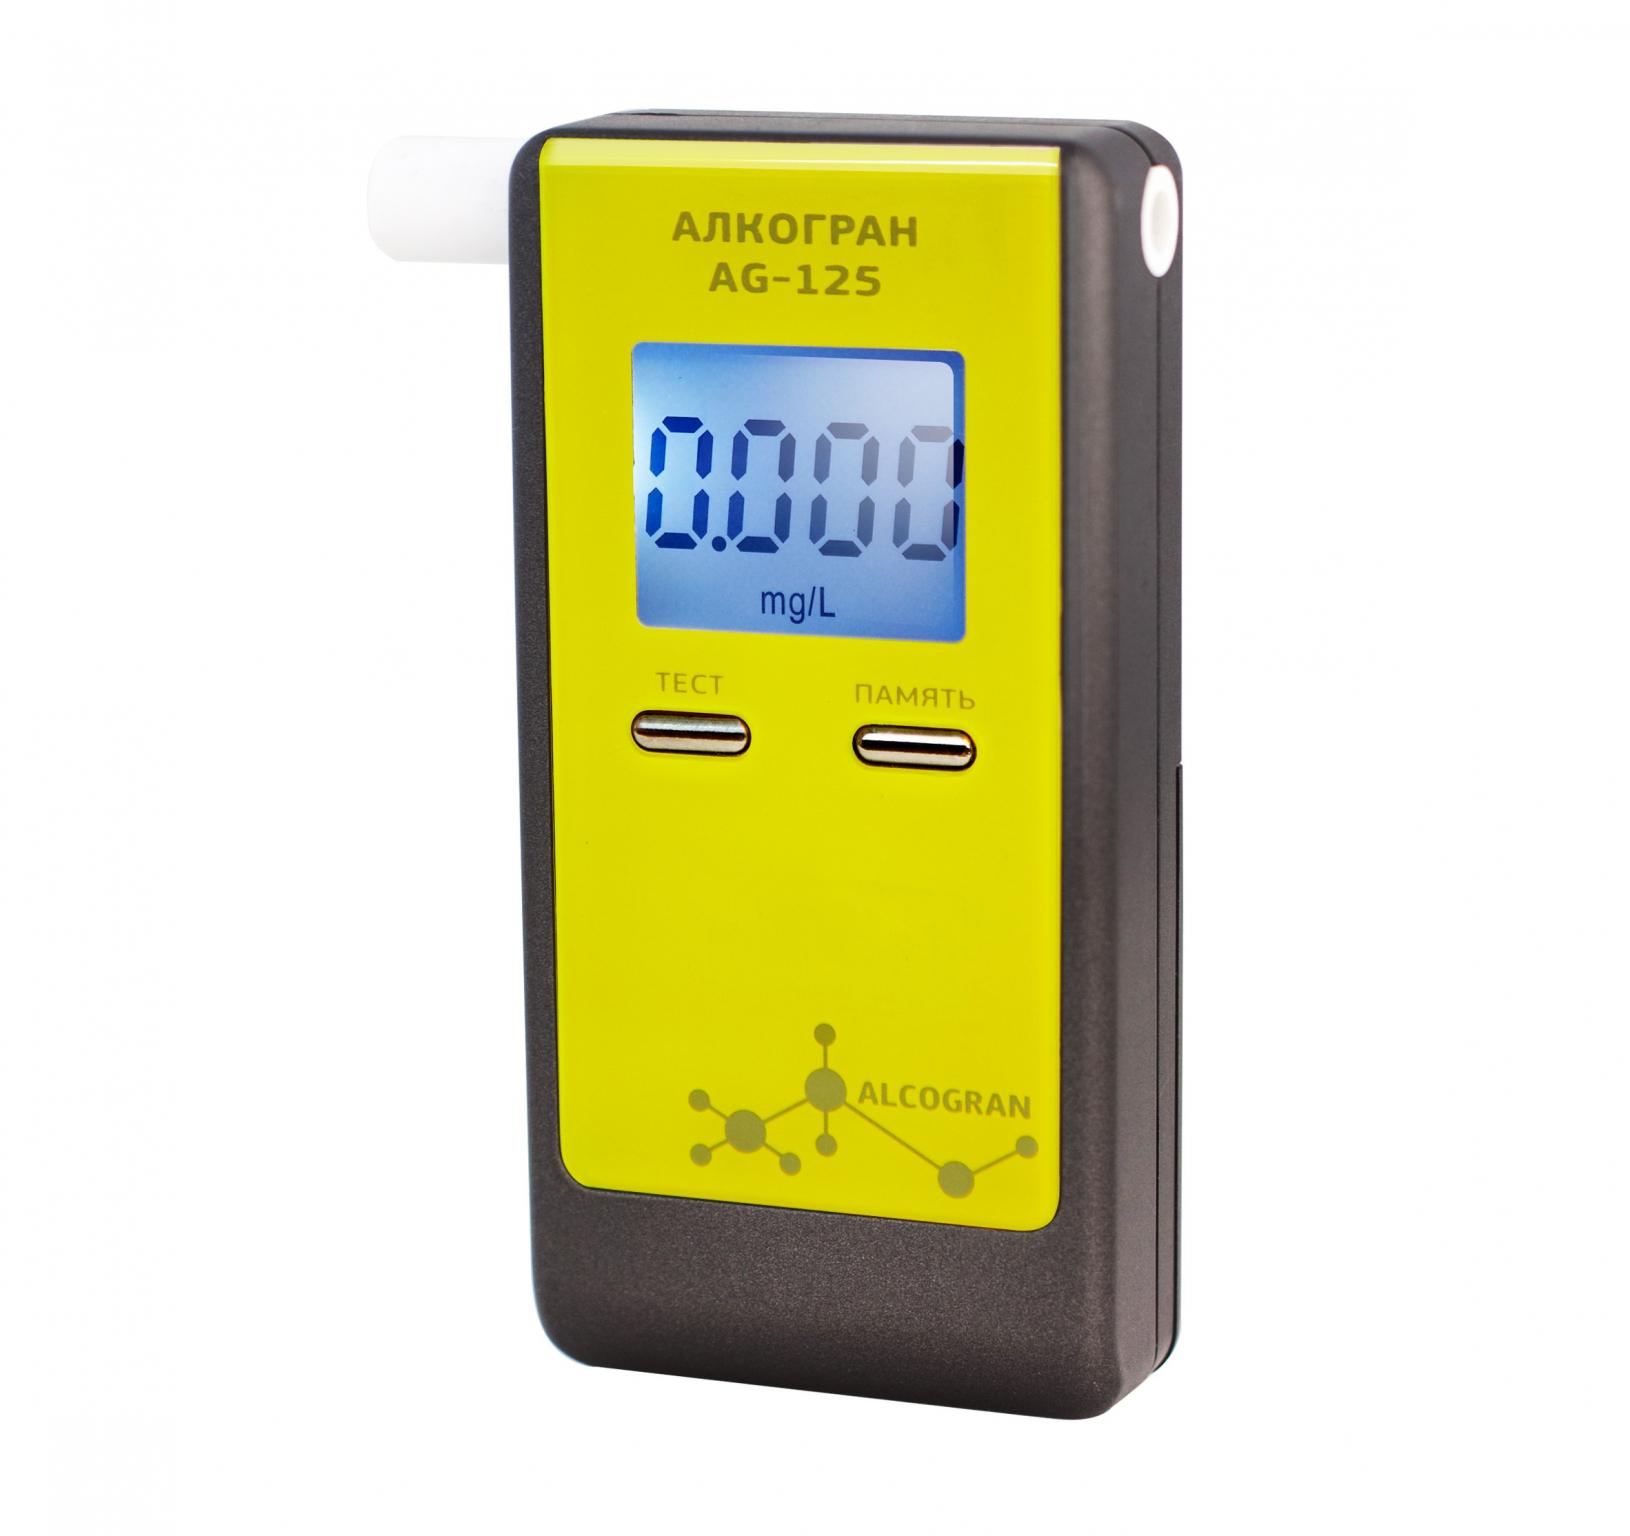 Индикатор алкоголя Alcogran AG-125 (+ Антисептик-спрей для рук в подарок!)